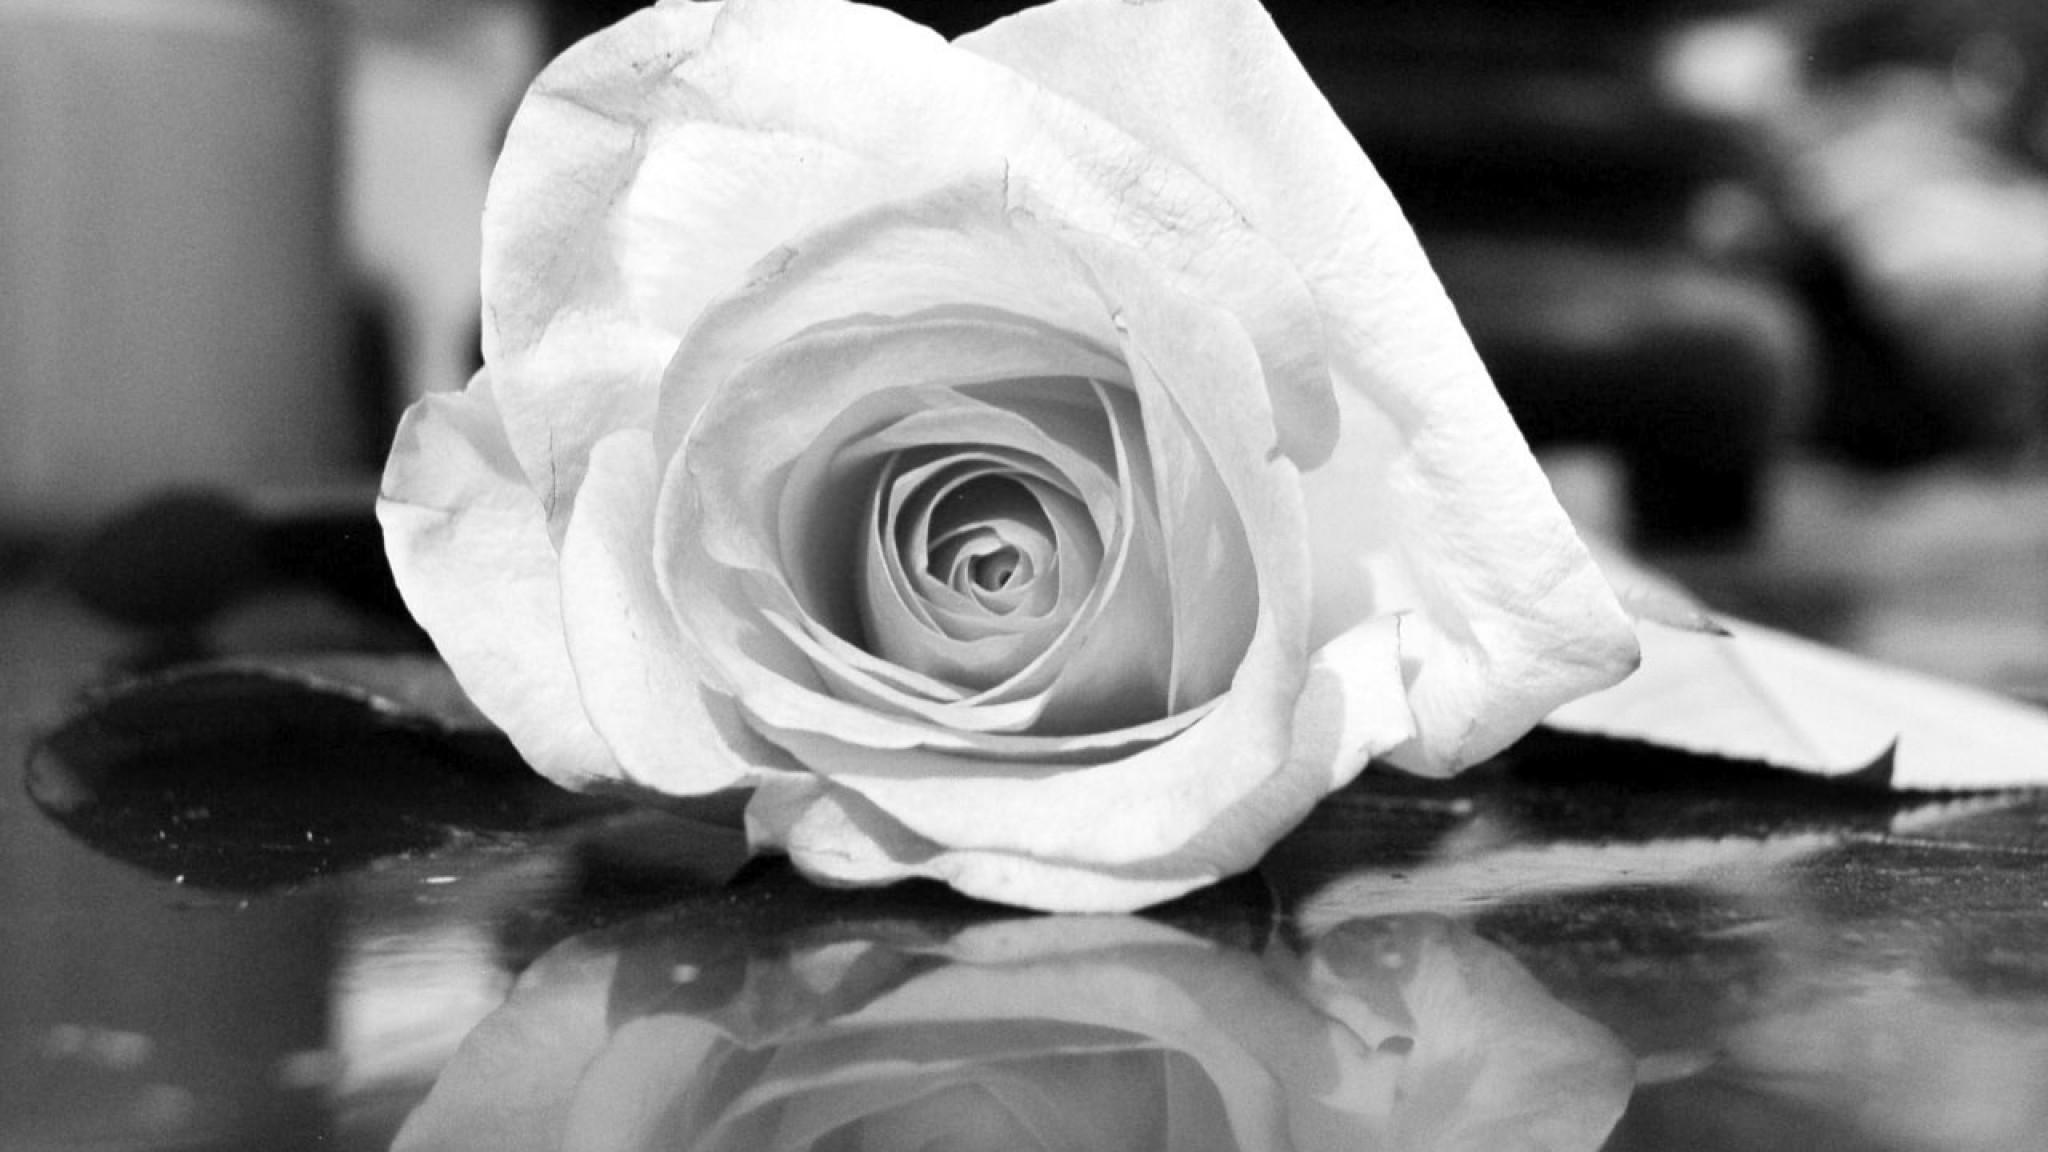 Wallpaper rose, flower, reflection, black white